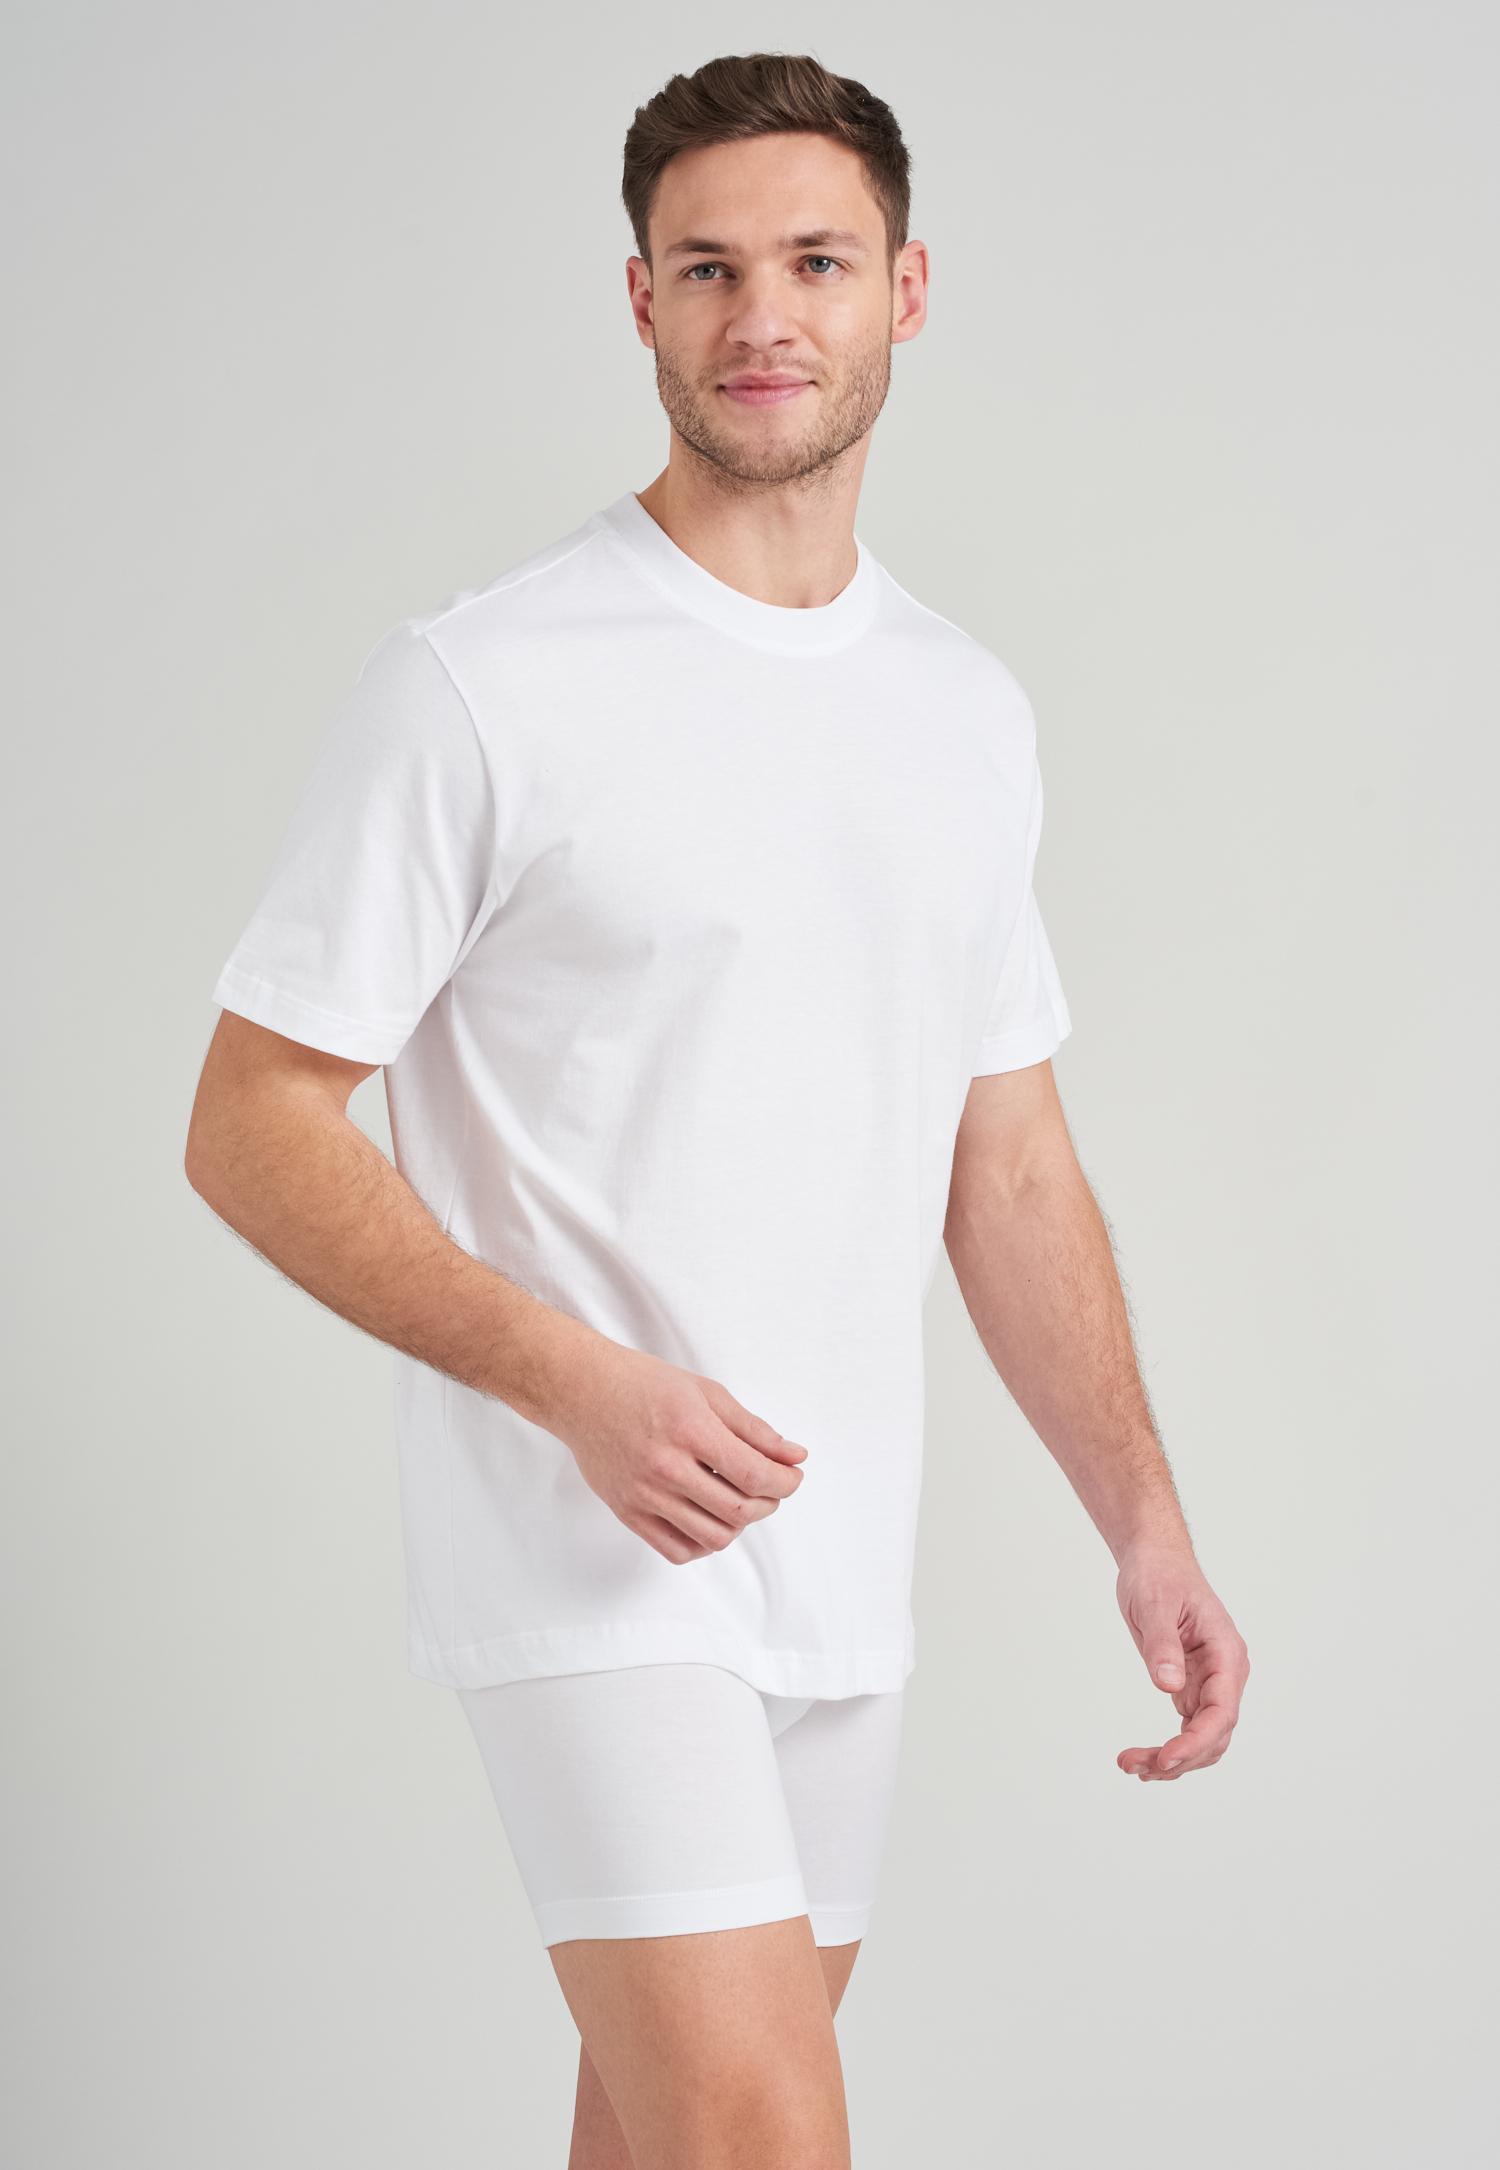 Image of American T-Shirts Rundhals 2er Pack weiß - Essentials 4XL